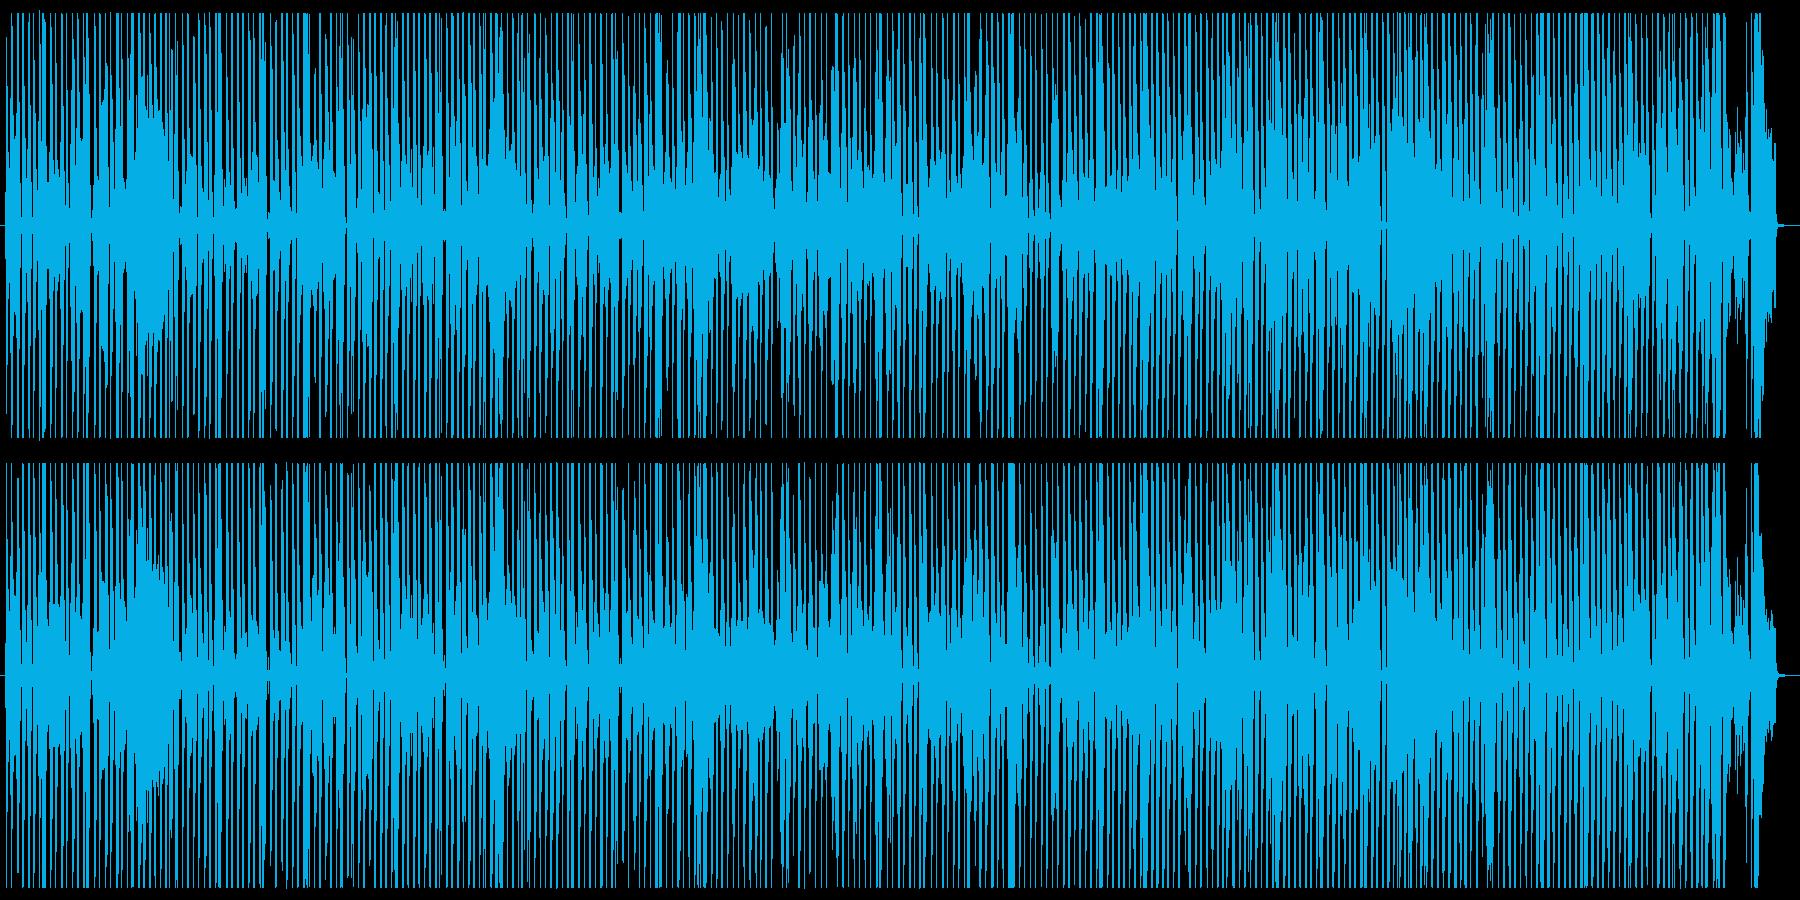 グルメリポートのBGMみたいな感じ。の再生済みの波形